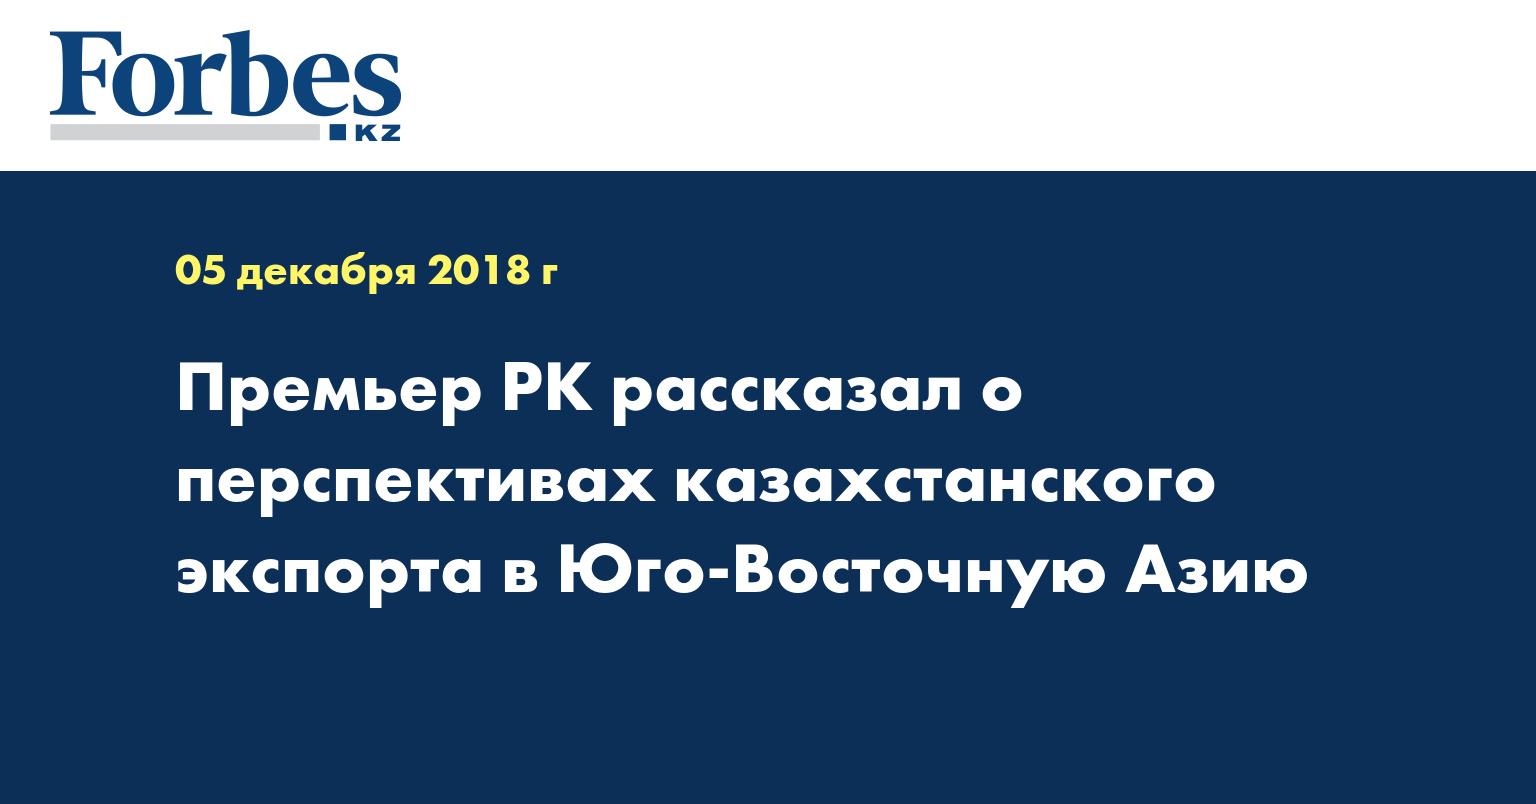 Премьер РК рассказал о перспективах казахстанского экспорта в Юго-Восточную Азию